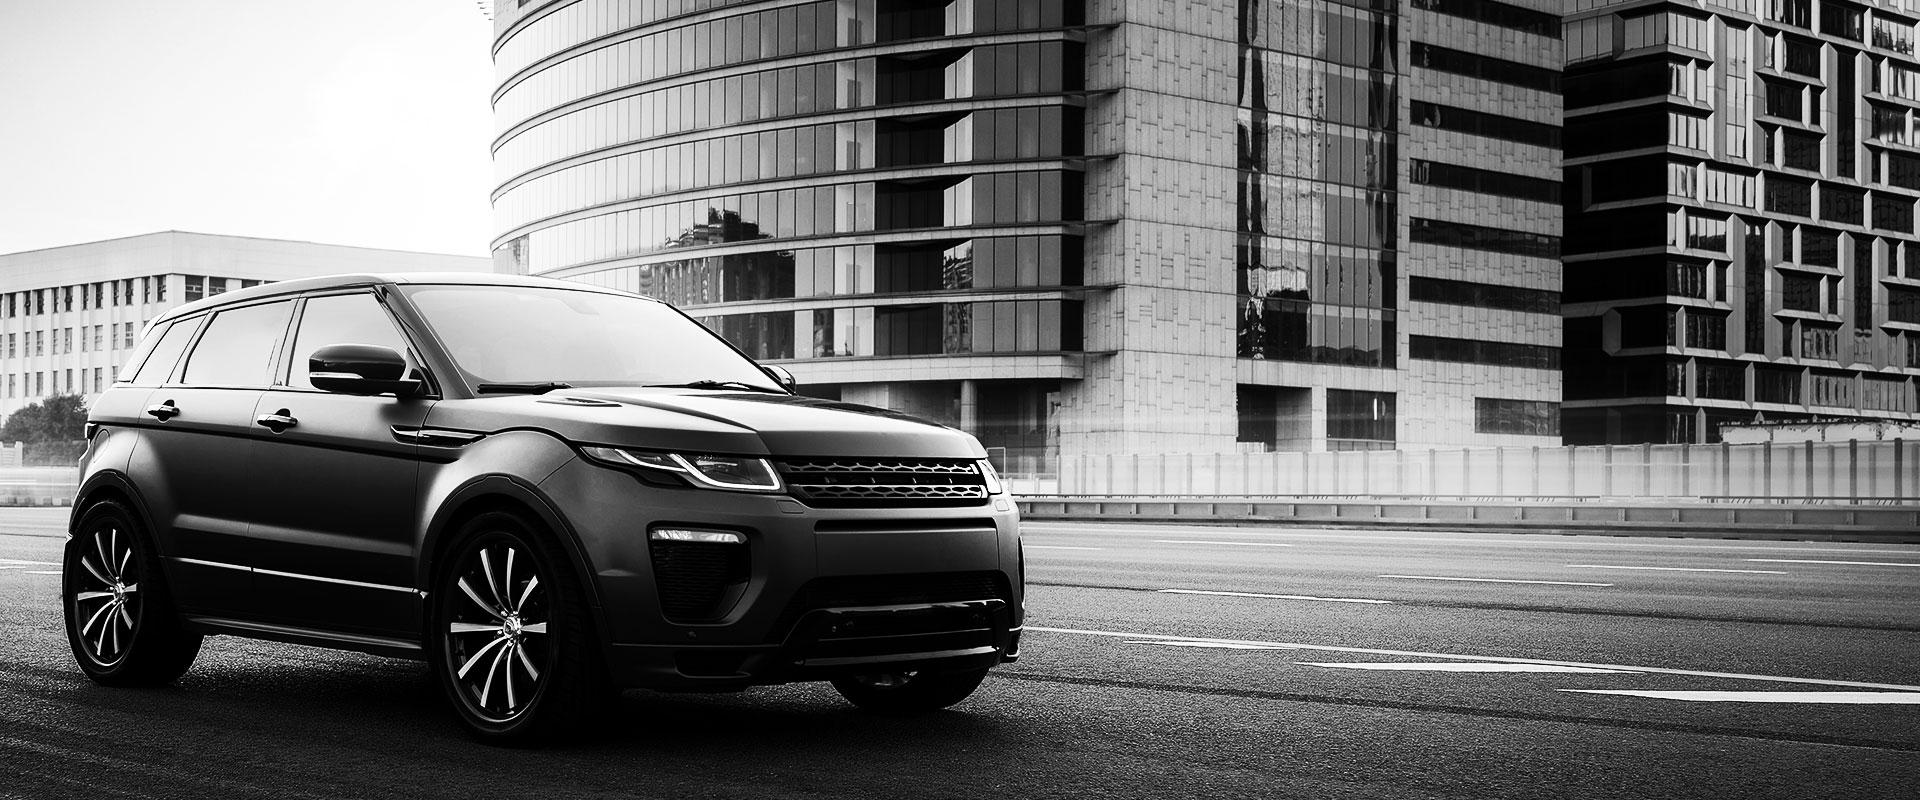 Autowerkstatt Land Rover